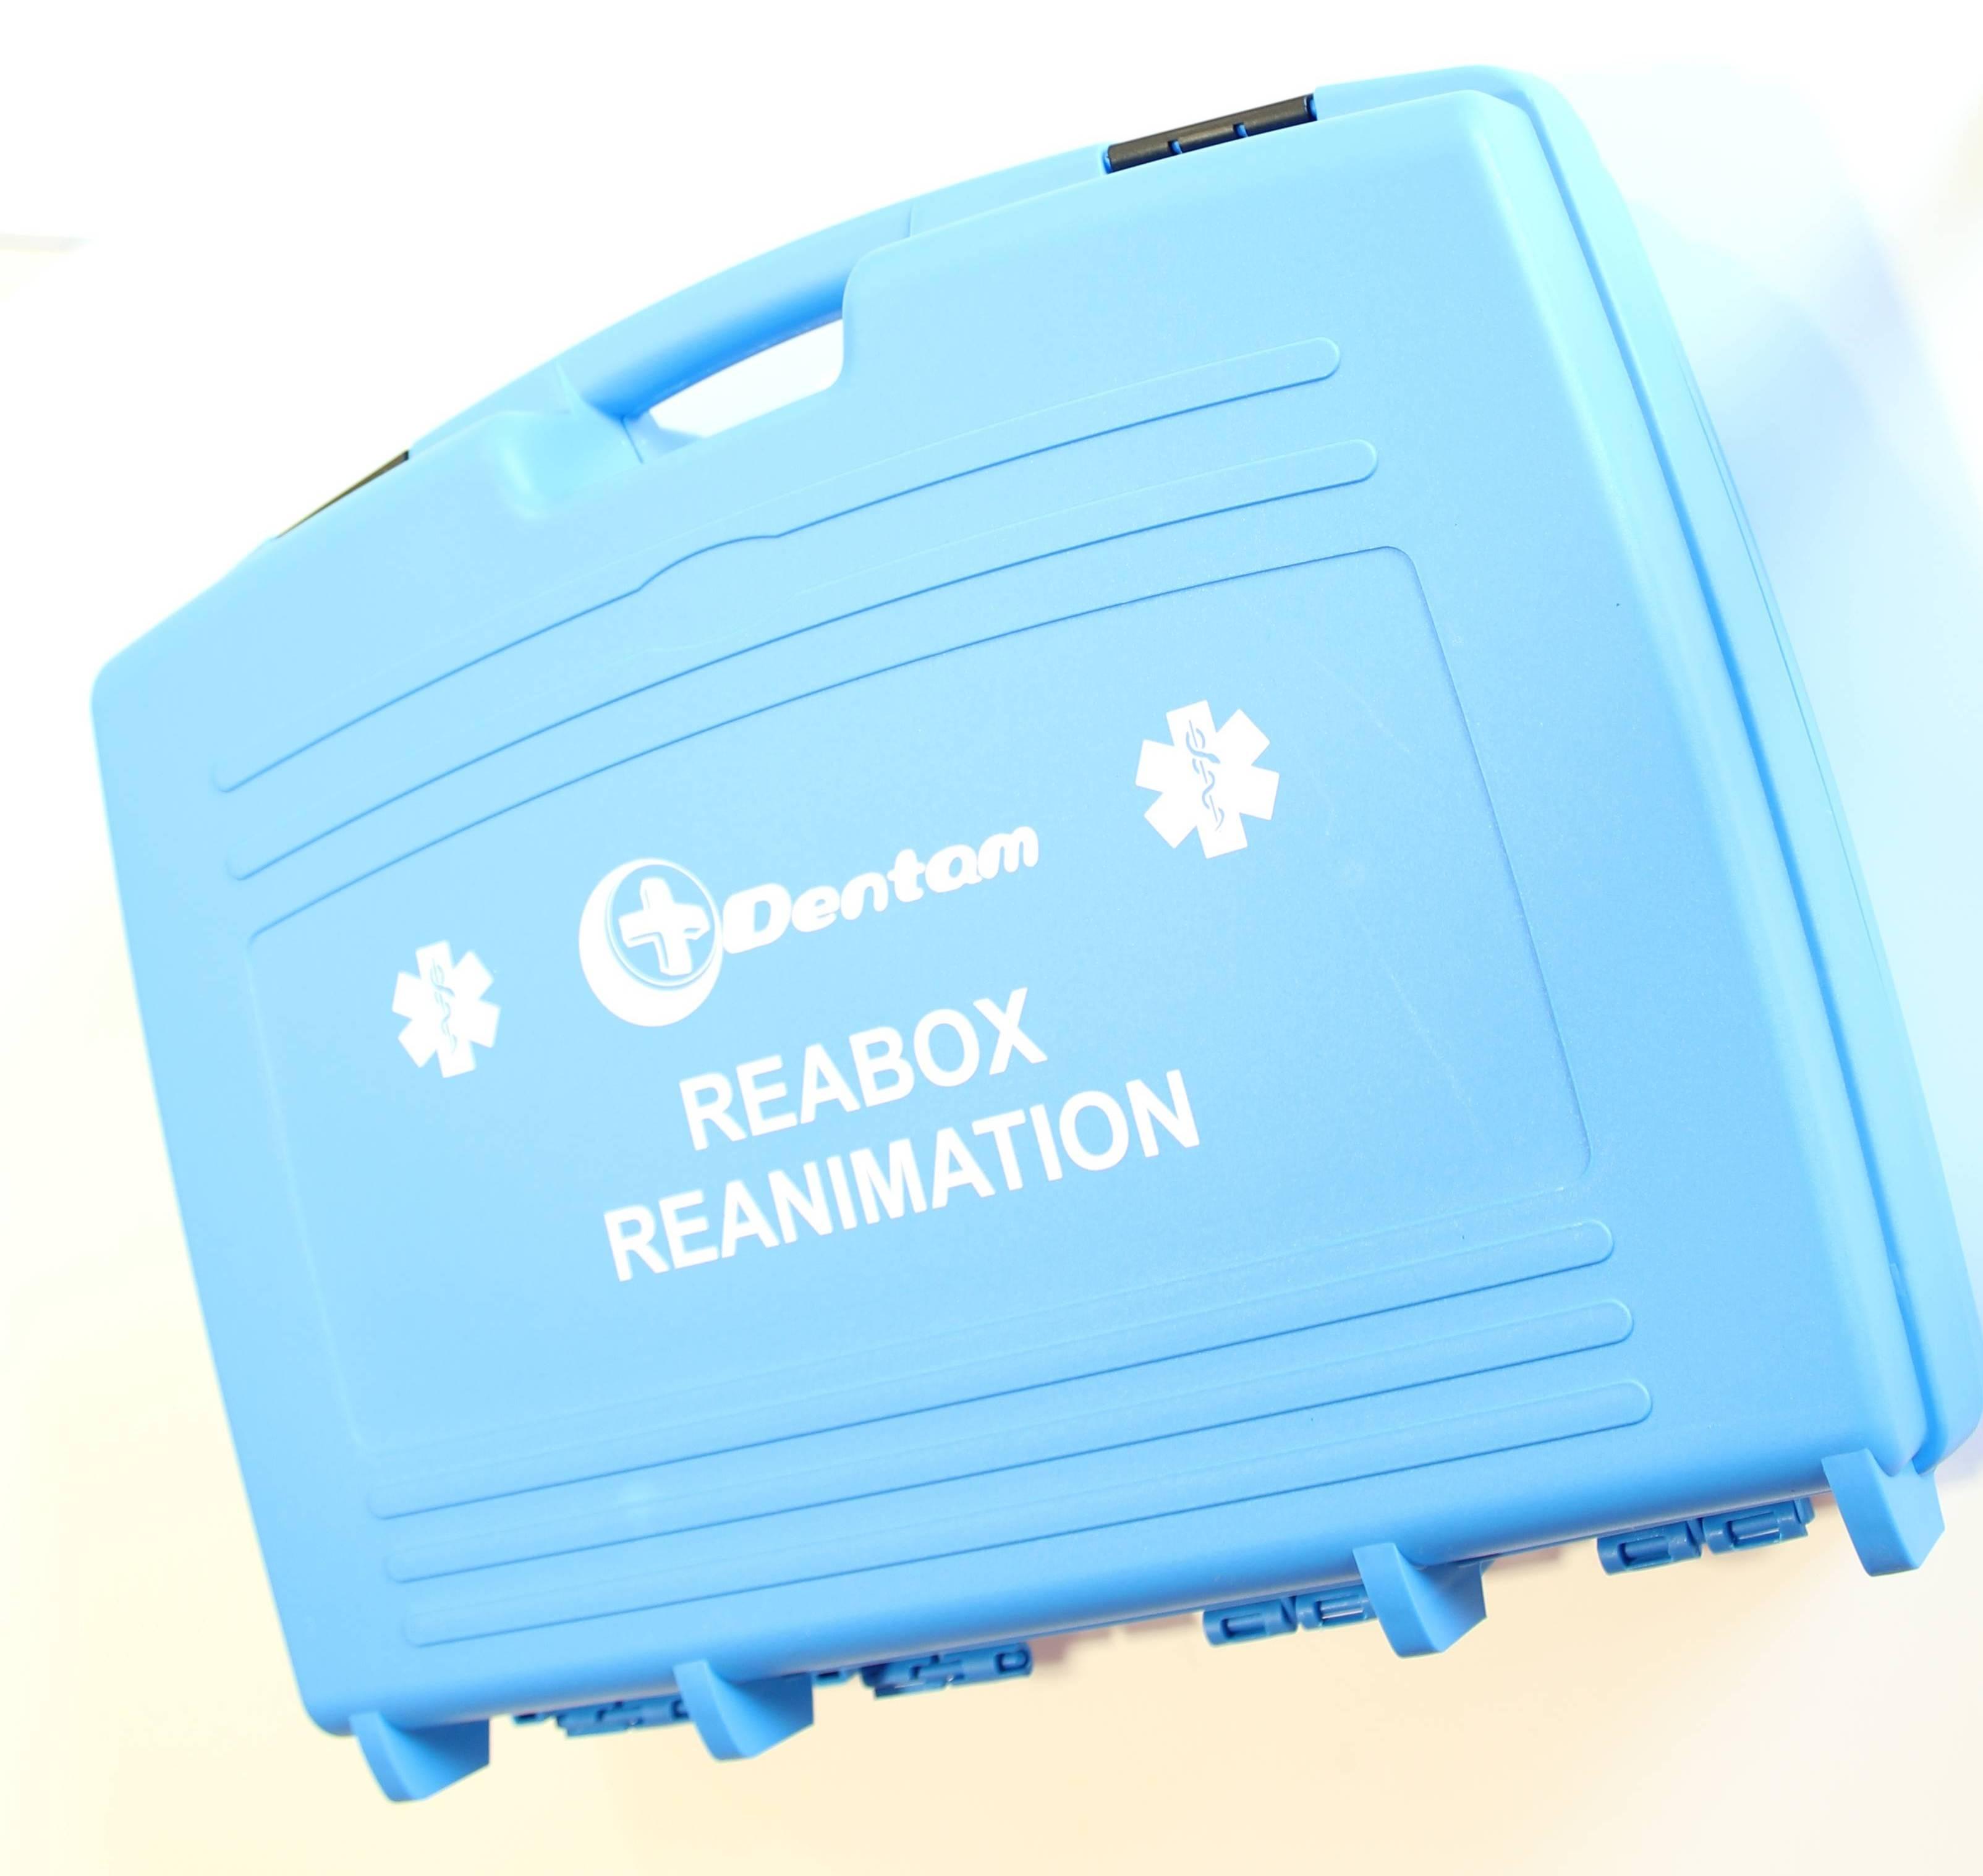 La mallette de réanimation Reabox